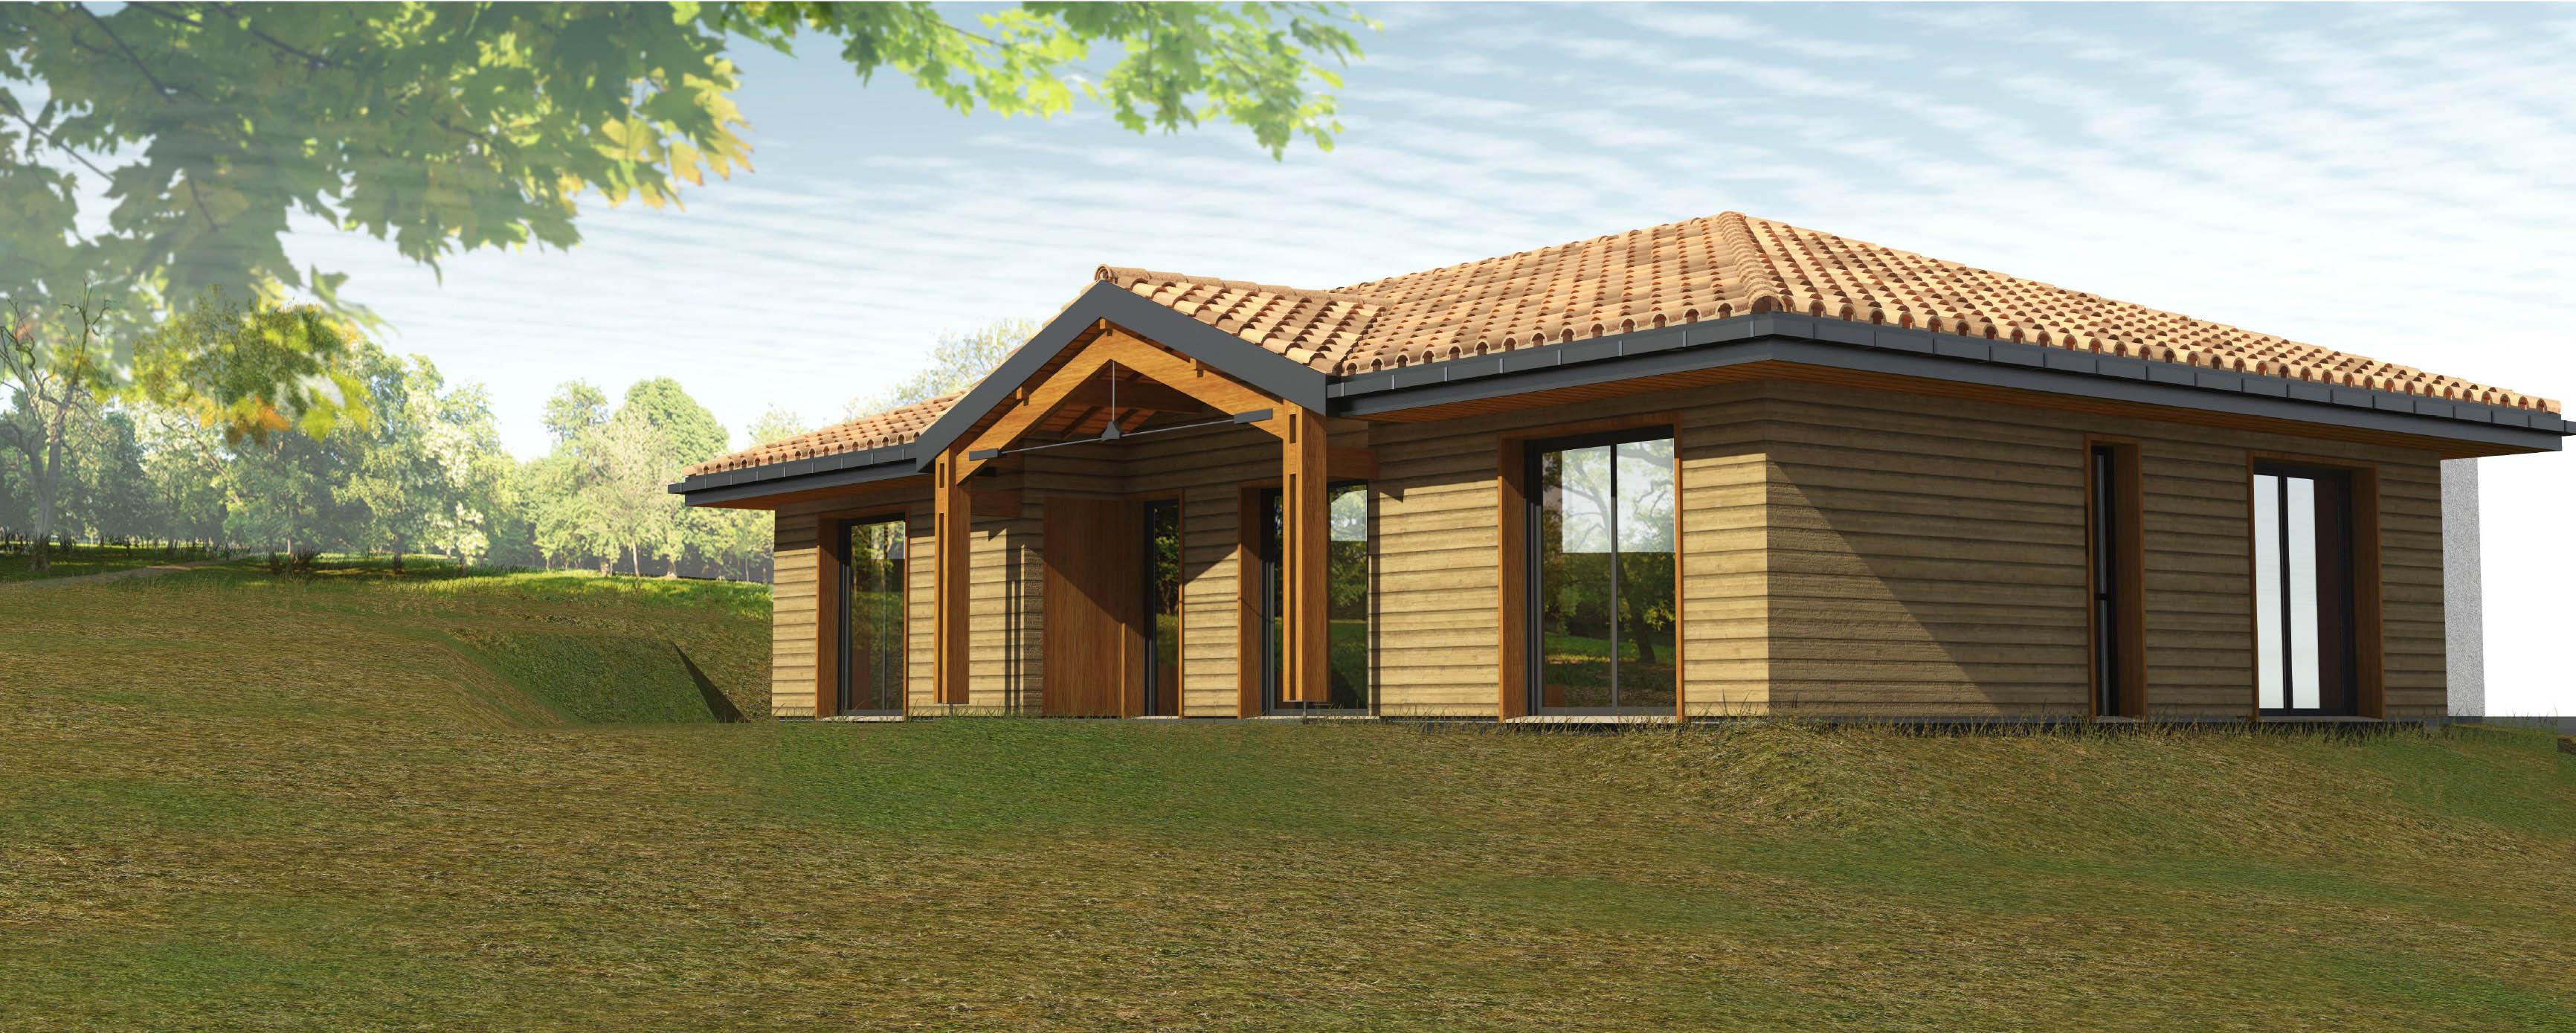 Construction d'une maison à Atur